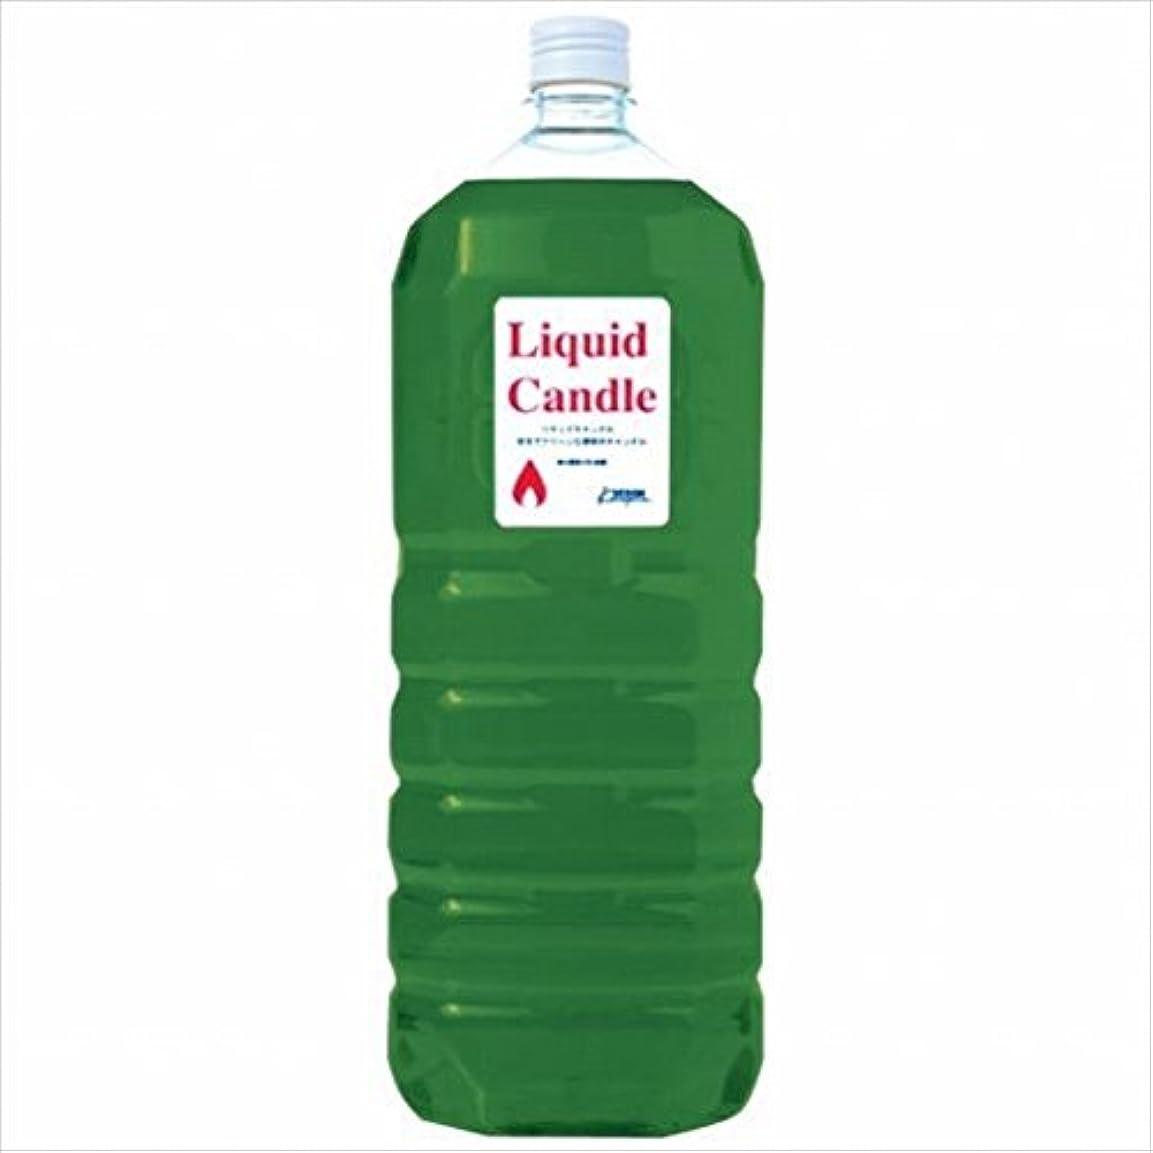 脱臼するスカルクガードカメヤマキャンドル(kameyama candle) リキッドキャンドル2リットル 「 グリーン 」